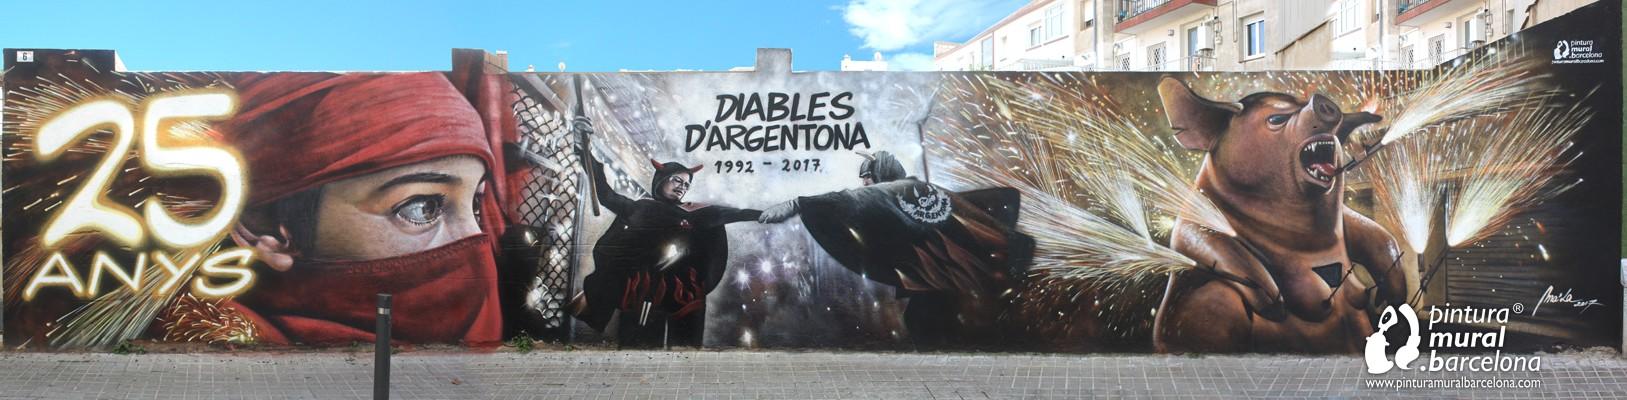 mural-diables-argentona-graffiti-25